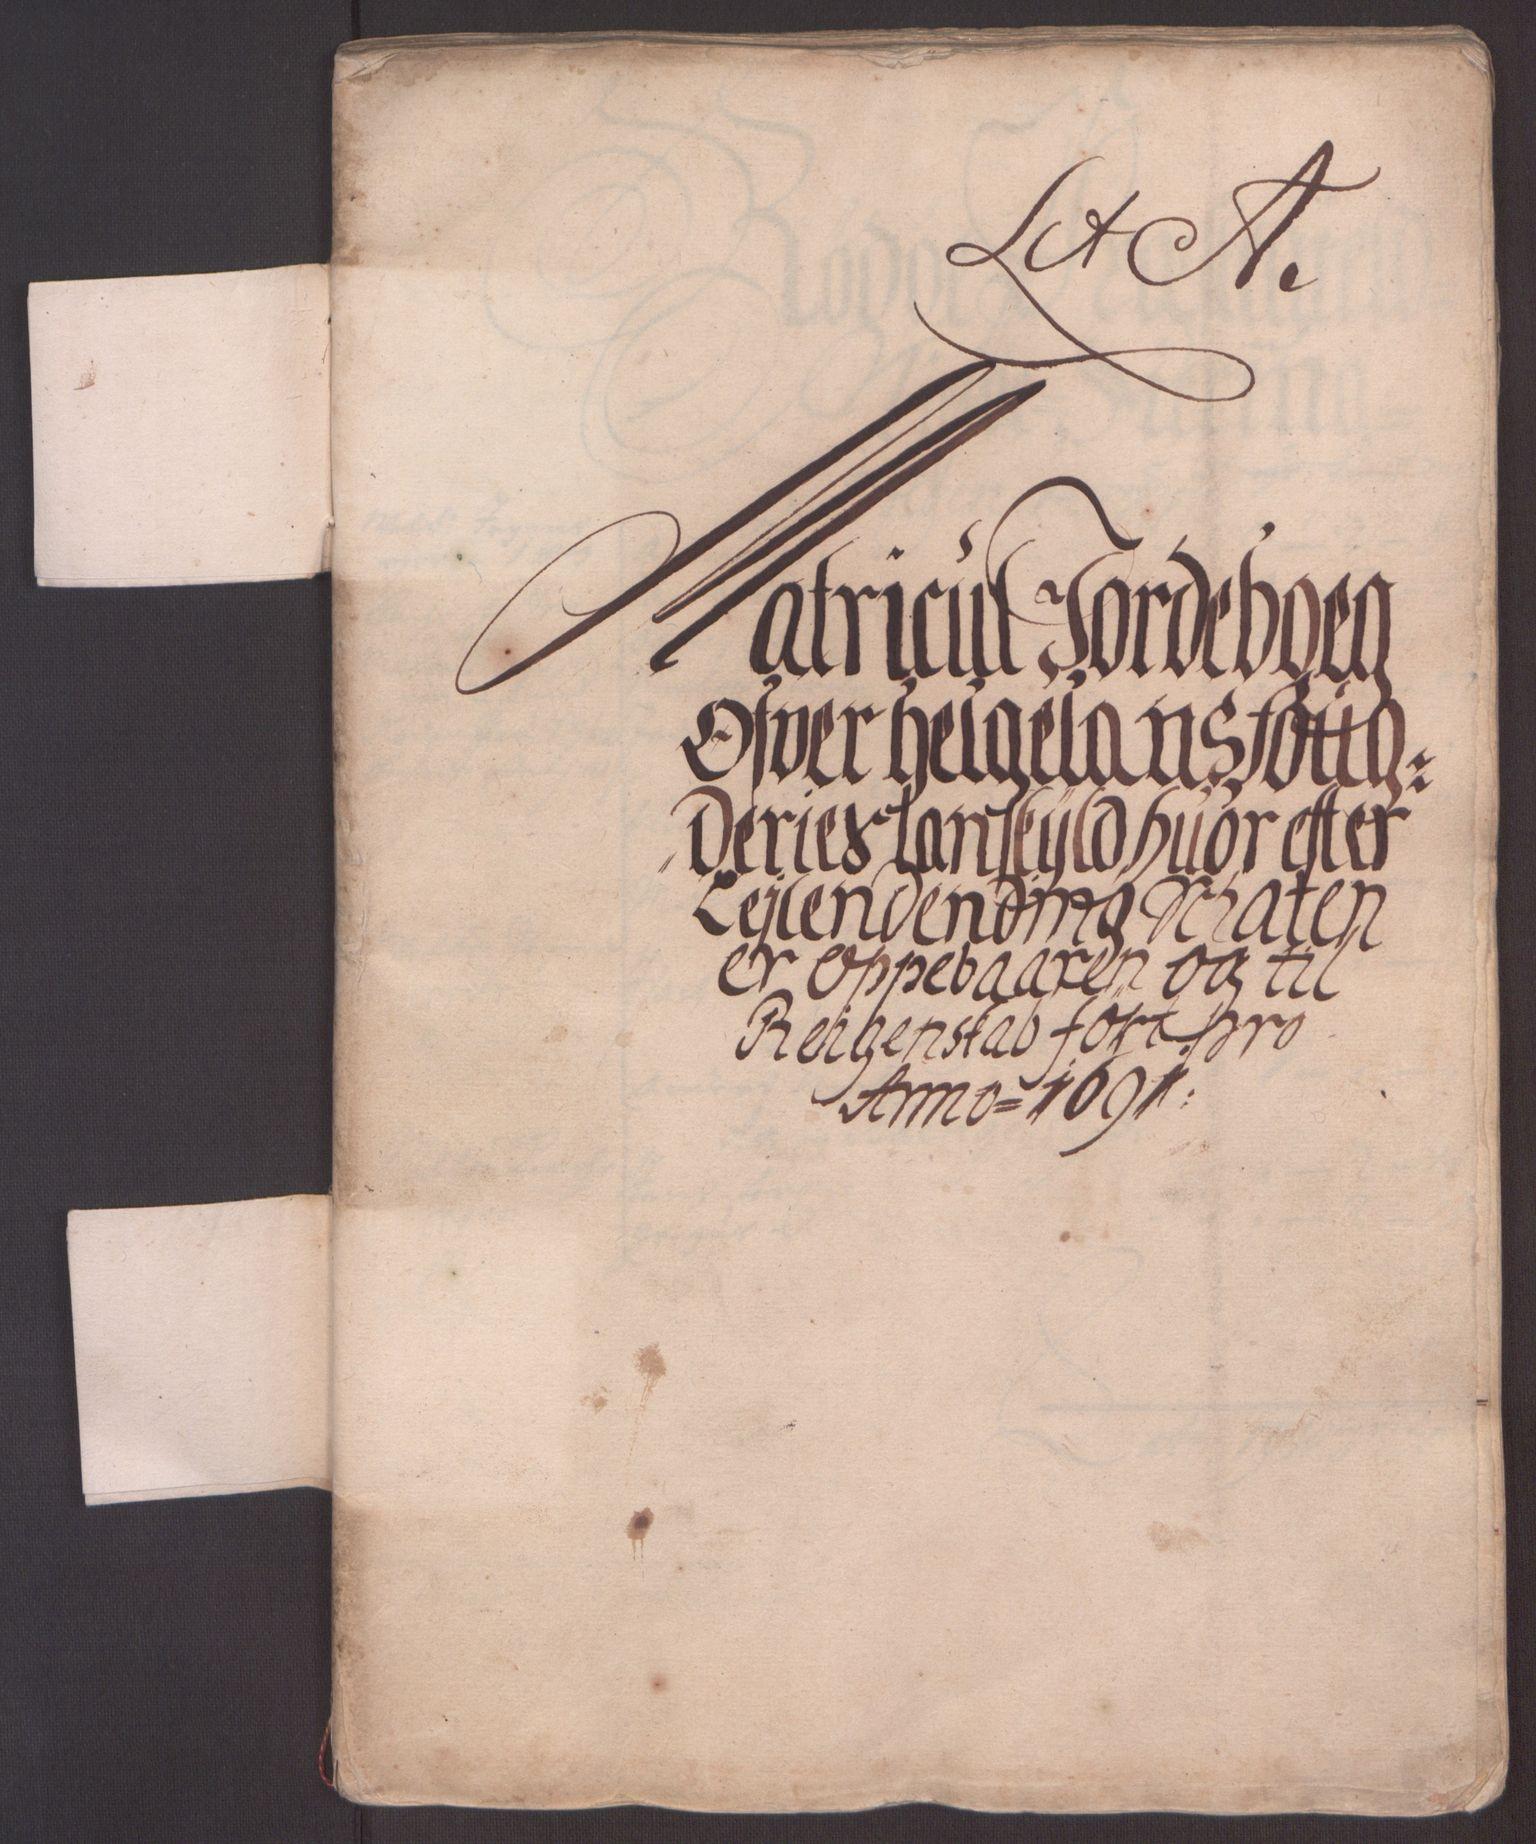 RA, Rentekammeret inntil 1814, Reviderte regnskaper, Fogderegnskap, R65/L4504: Fogderegnskap Helgeland, 1691-1692, s. 6